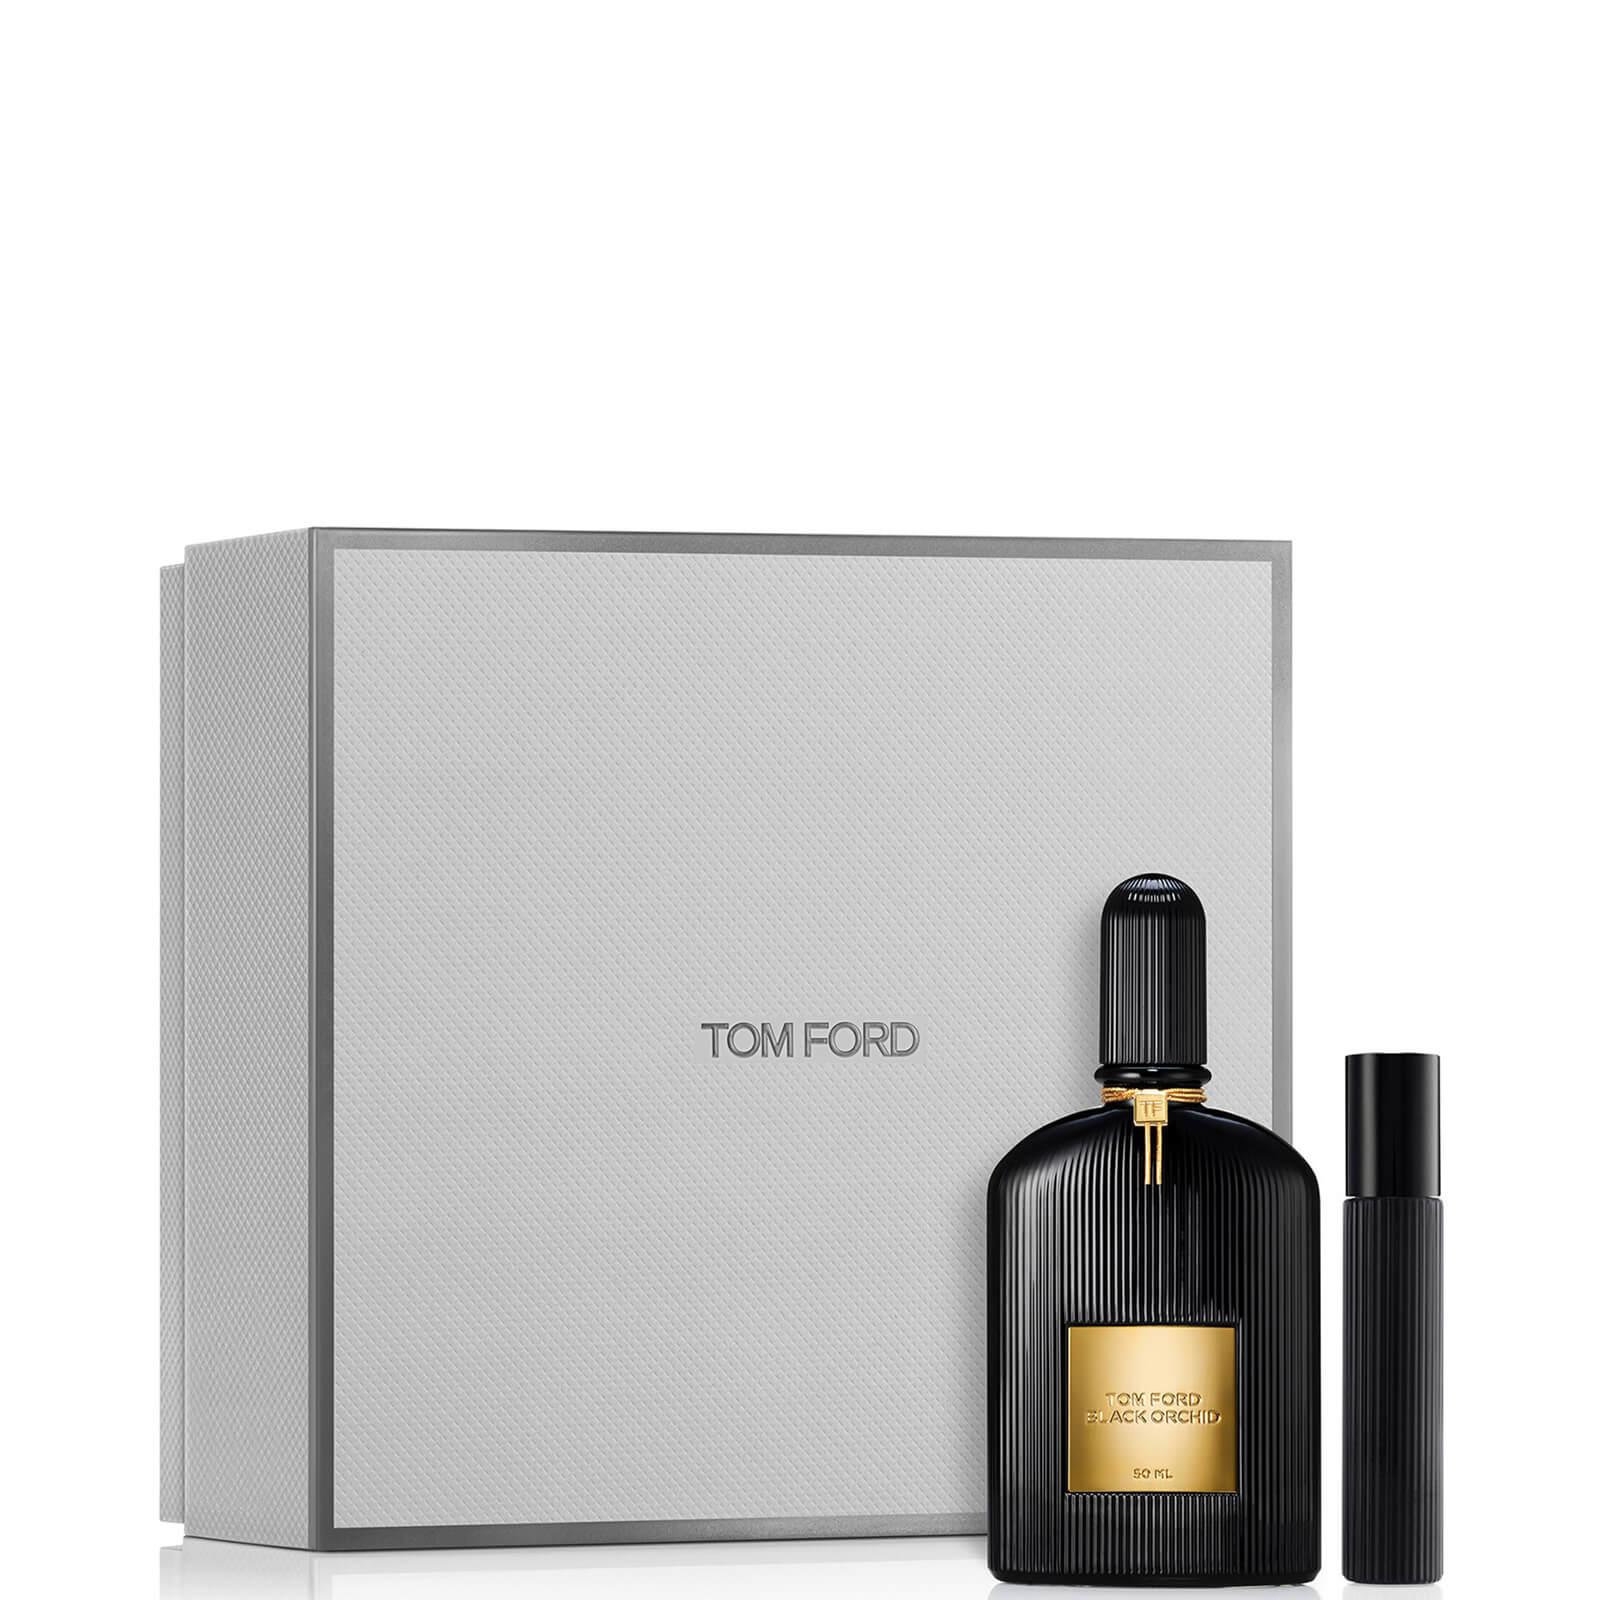 Tom Ford Black Orchid Eau de Parfum 50ml & 10ml Set